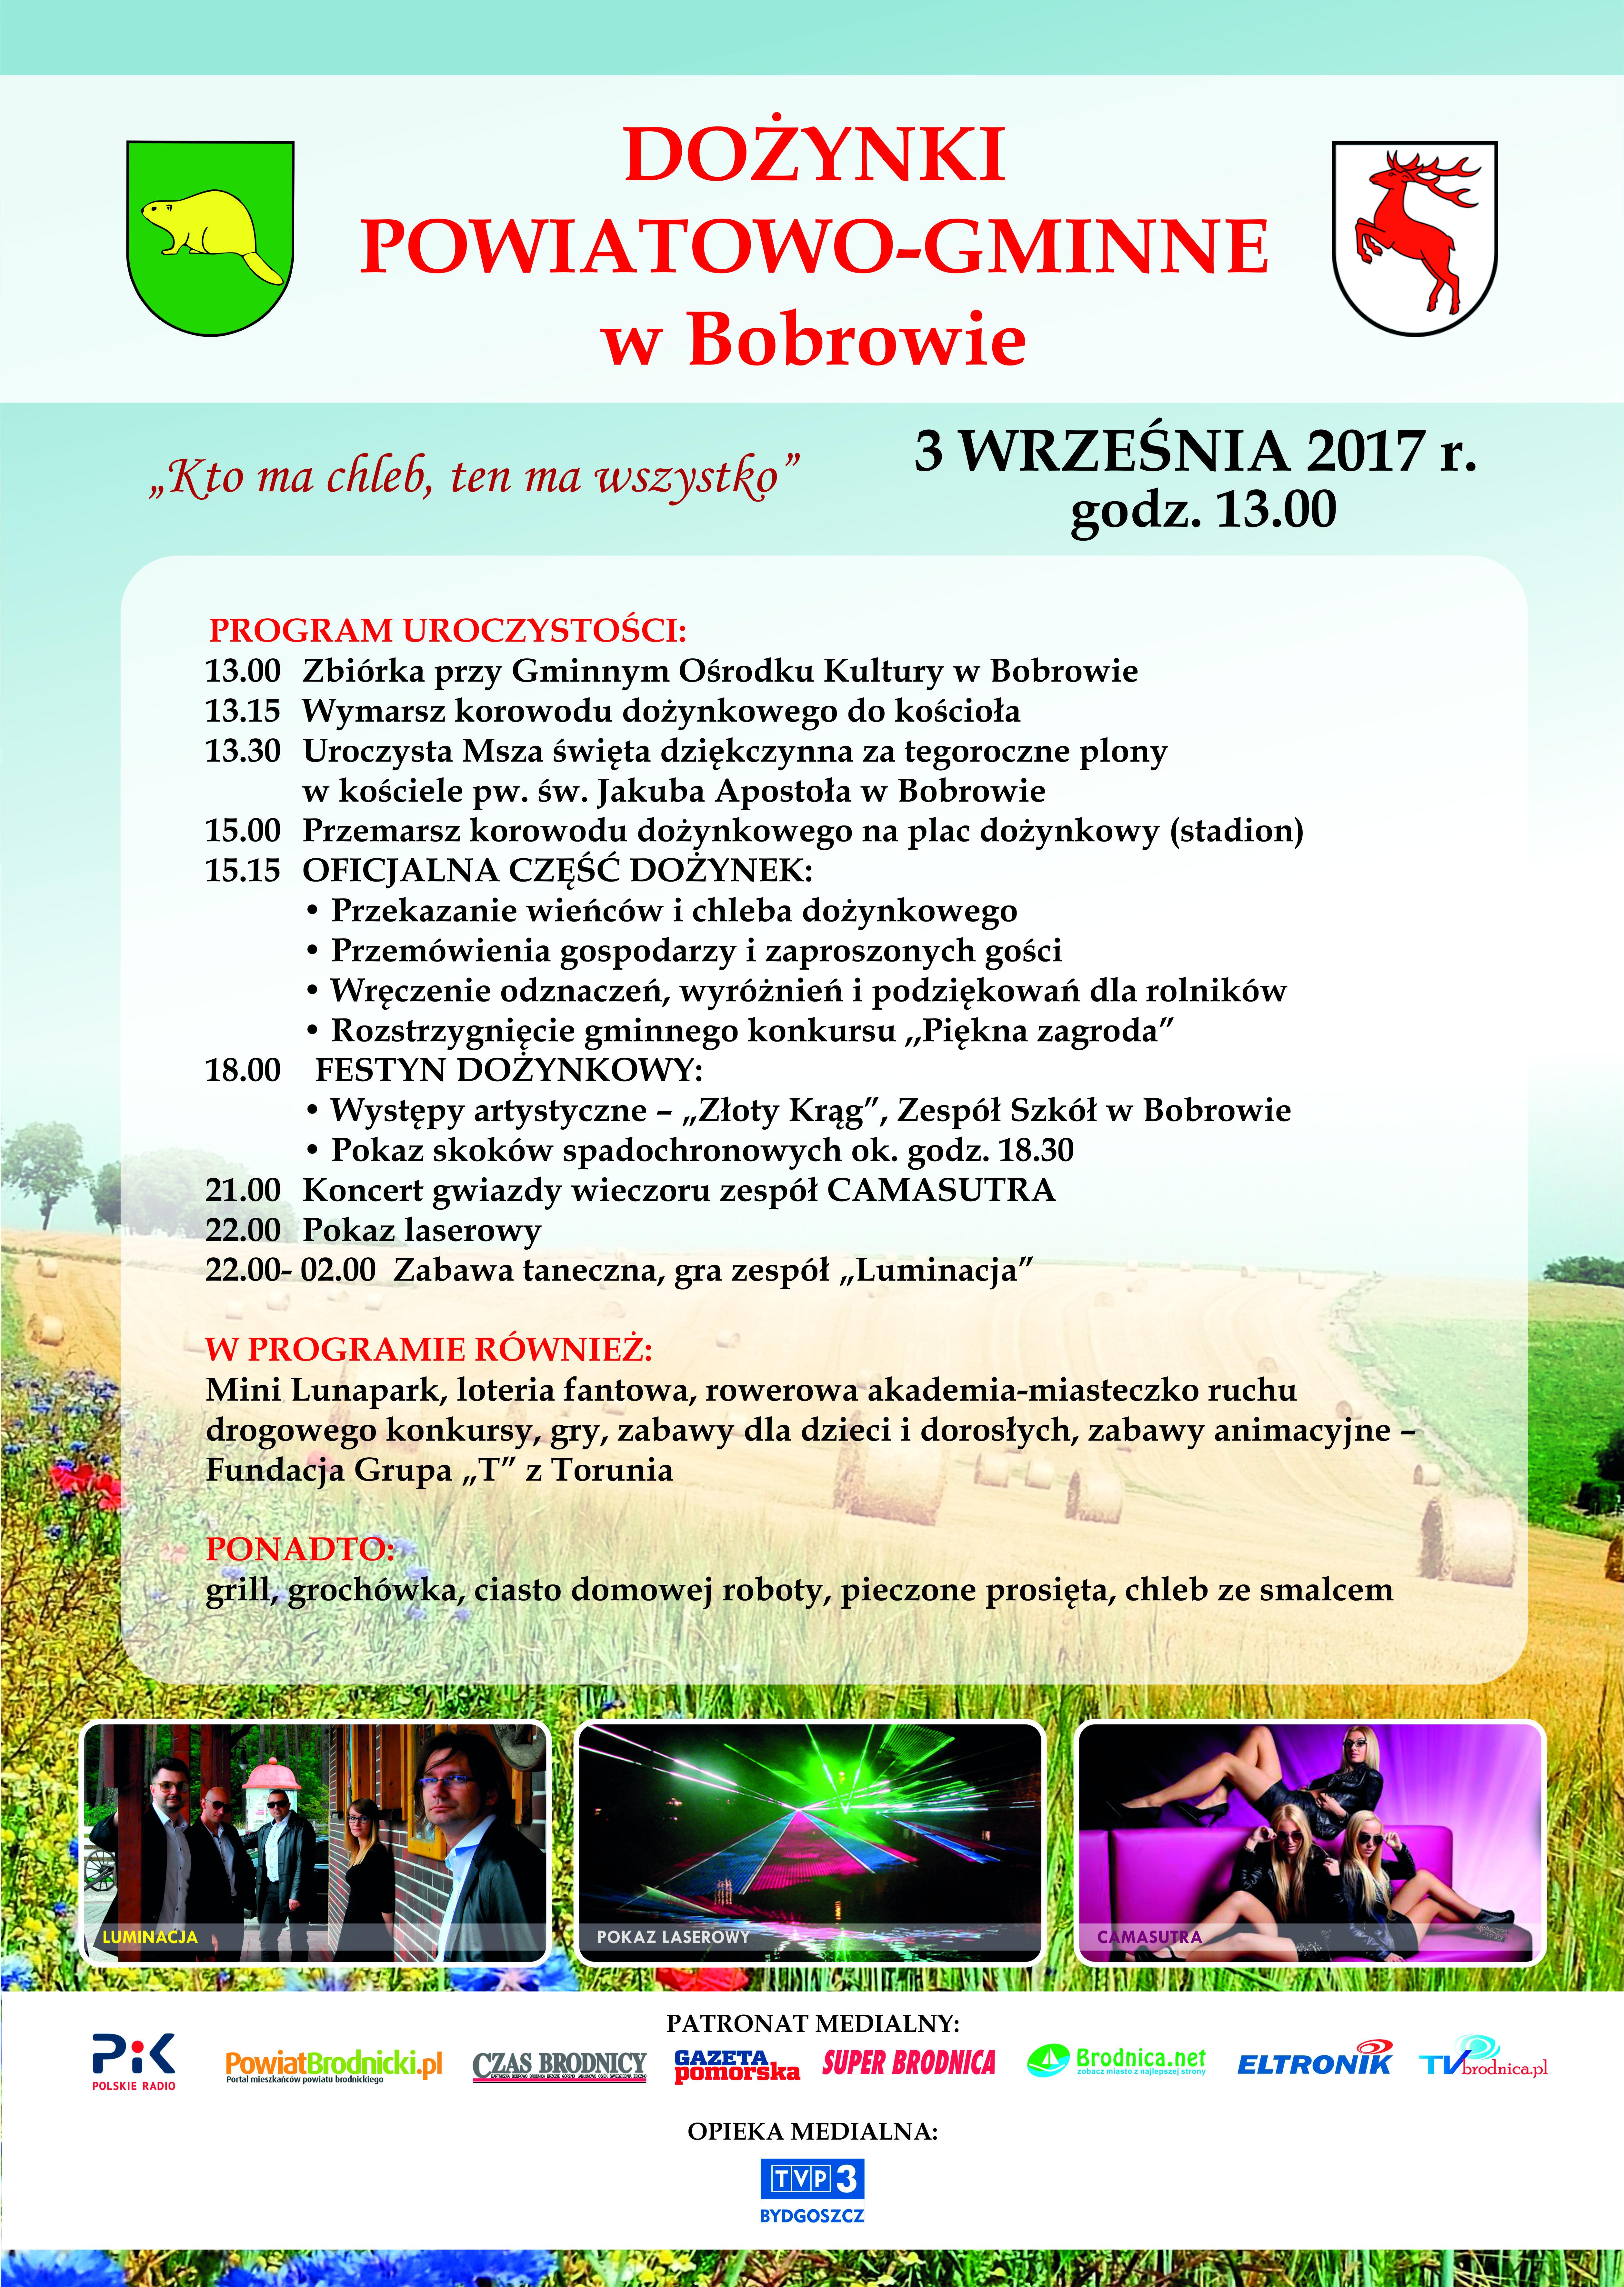 Dożynki Powiatowo-Gminne w Bobrowie